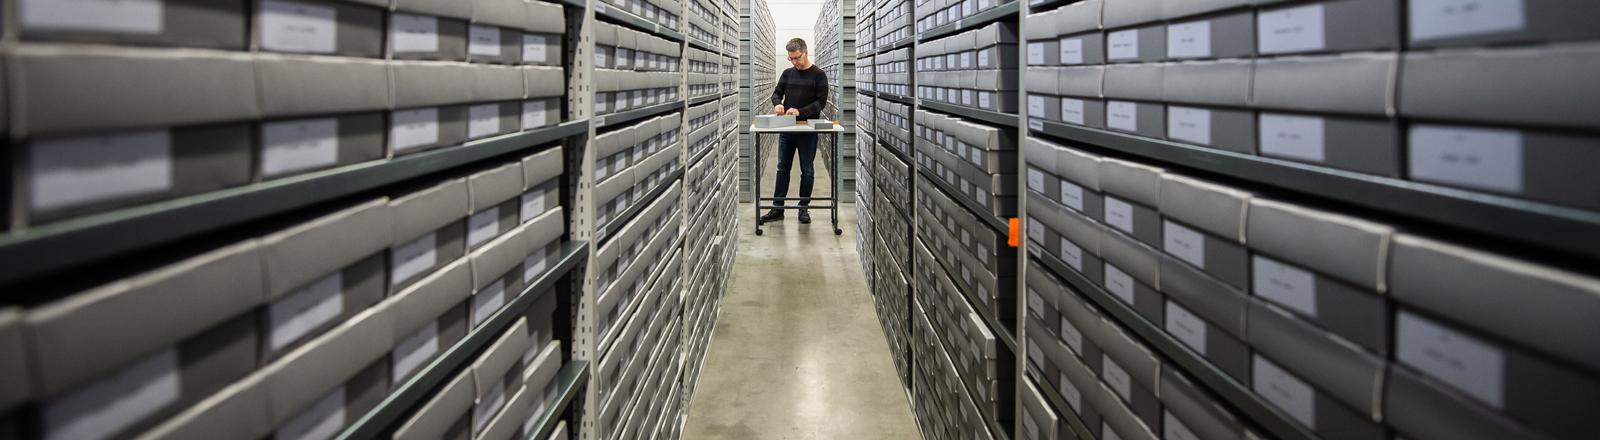 Der ITS ist ein Archiv und Dokumentationszentrum über NS-Verfolgung und die befreiten Überlebenden.